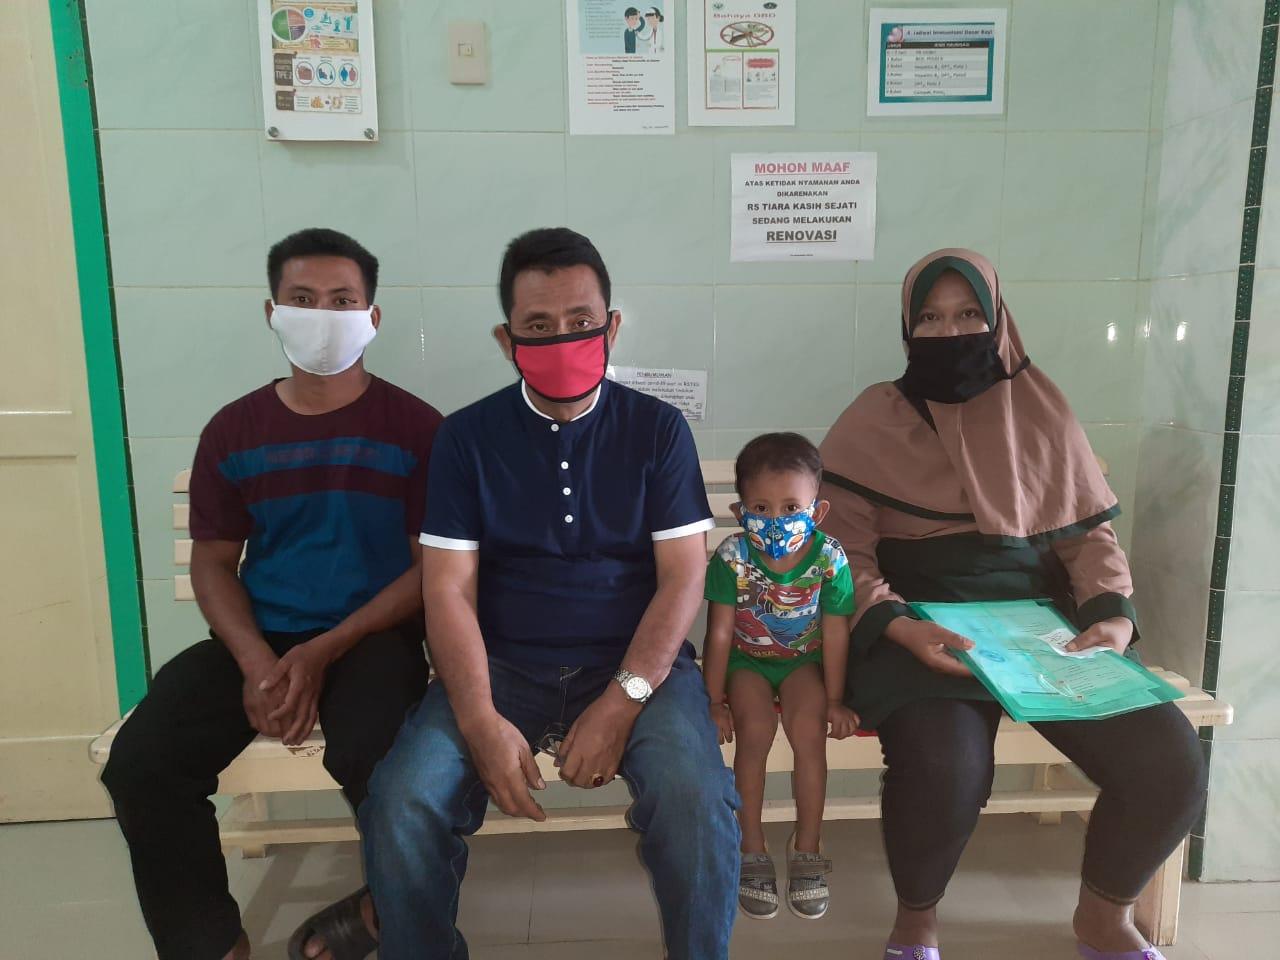 Operasi Dilakukan, Orangtua Putra Pratama Berterimakasih dan Doakan RHS Memenangkan Pilkada Kabupaten Simalungun